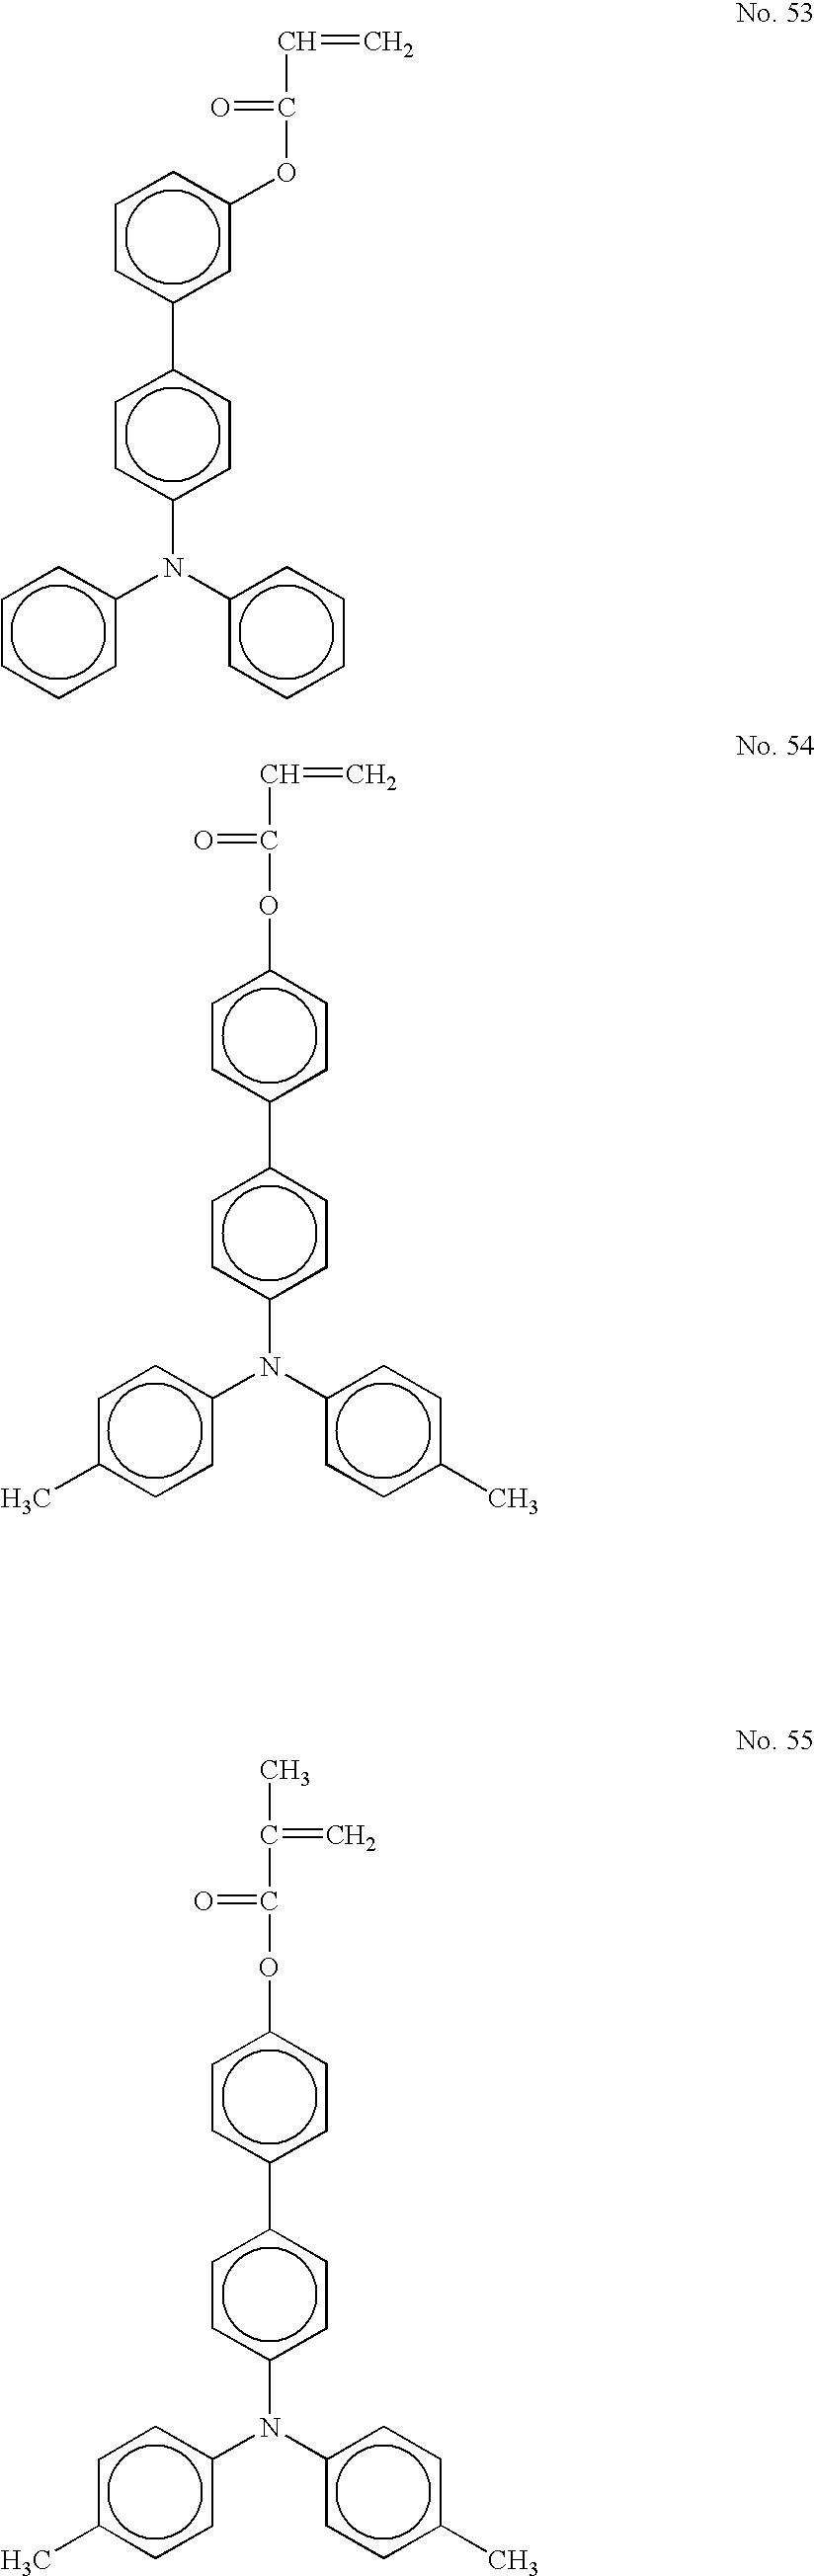 Figure US20060177749A1-20060810-C00034